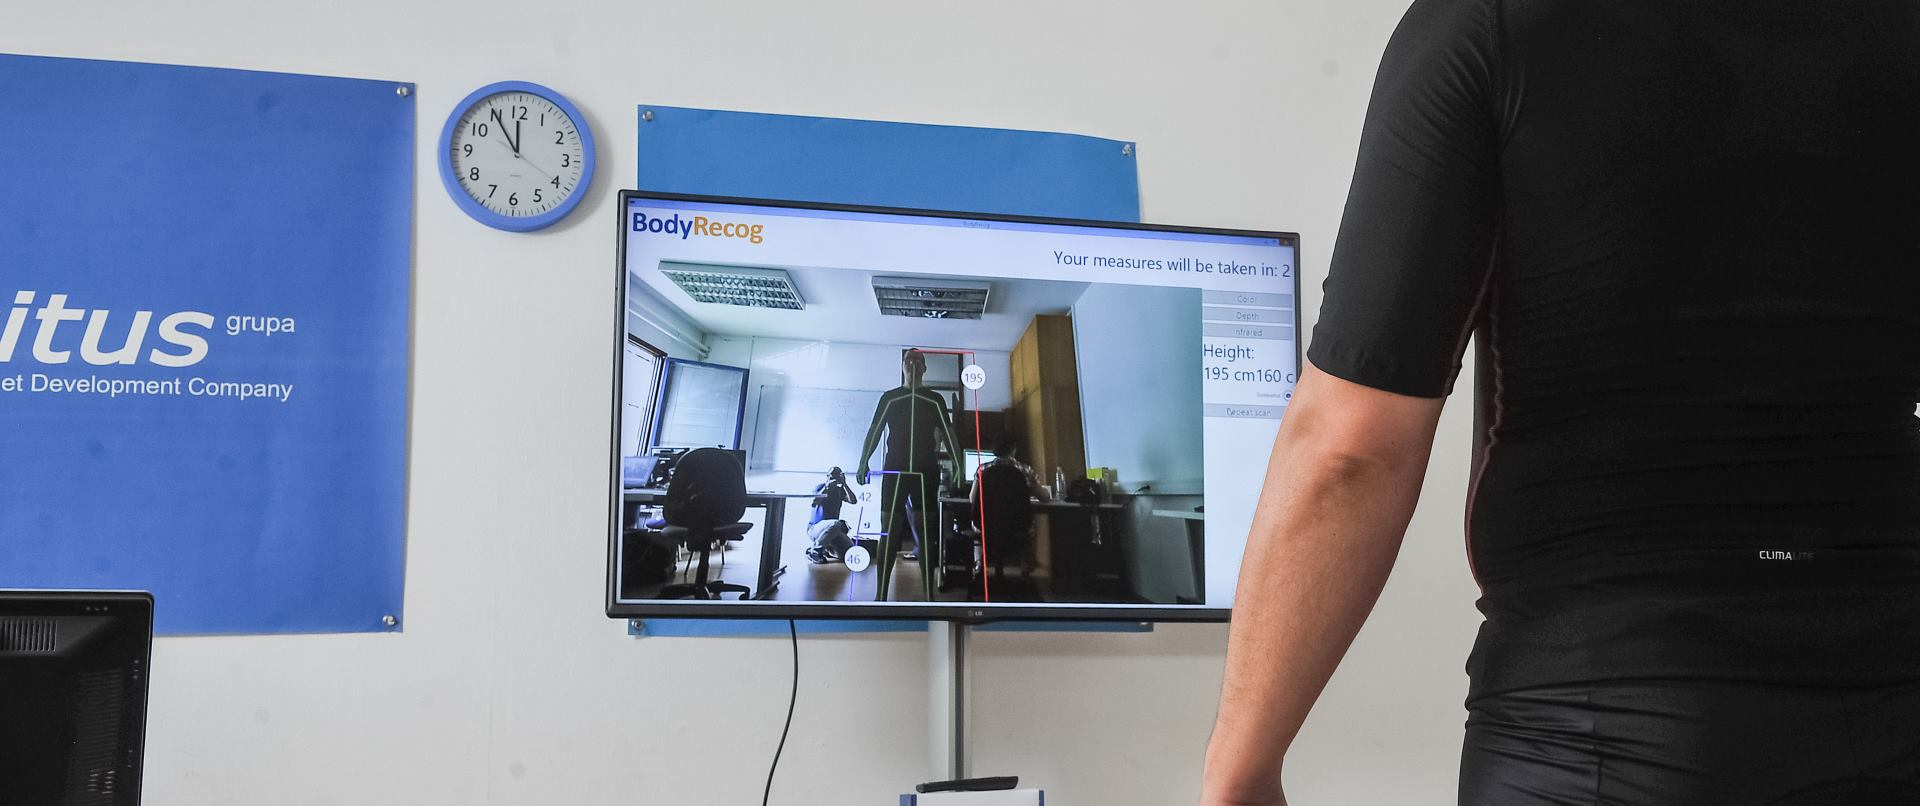 DOSSIER Hrvatske aplikacije donose revoluciju u zdravstveni sustav